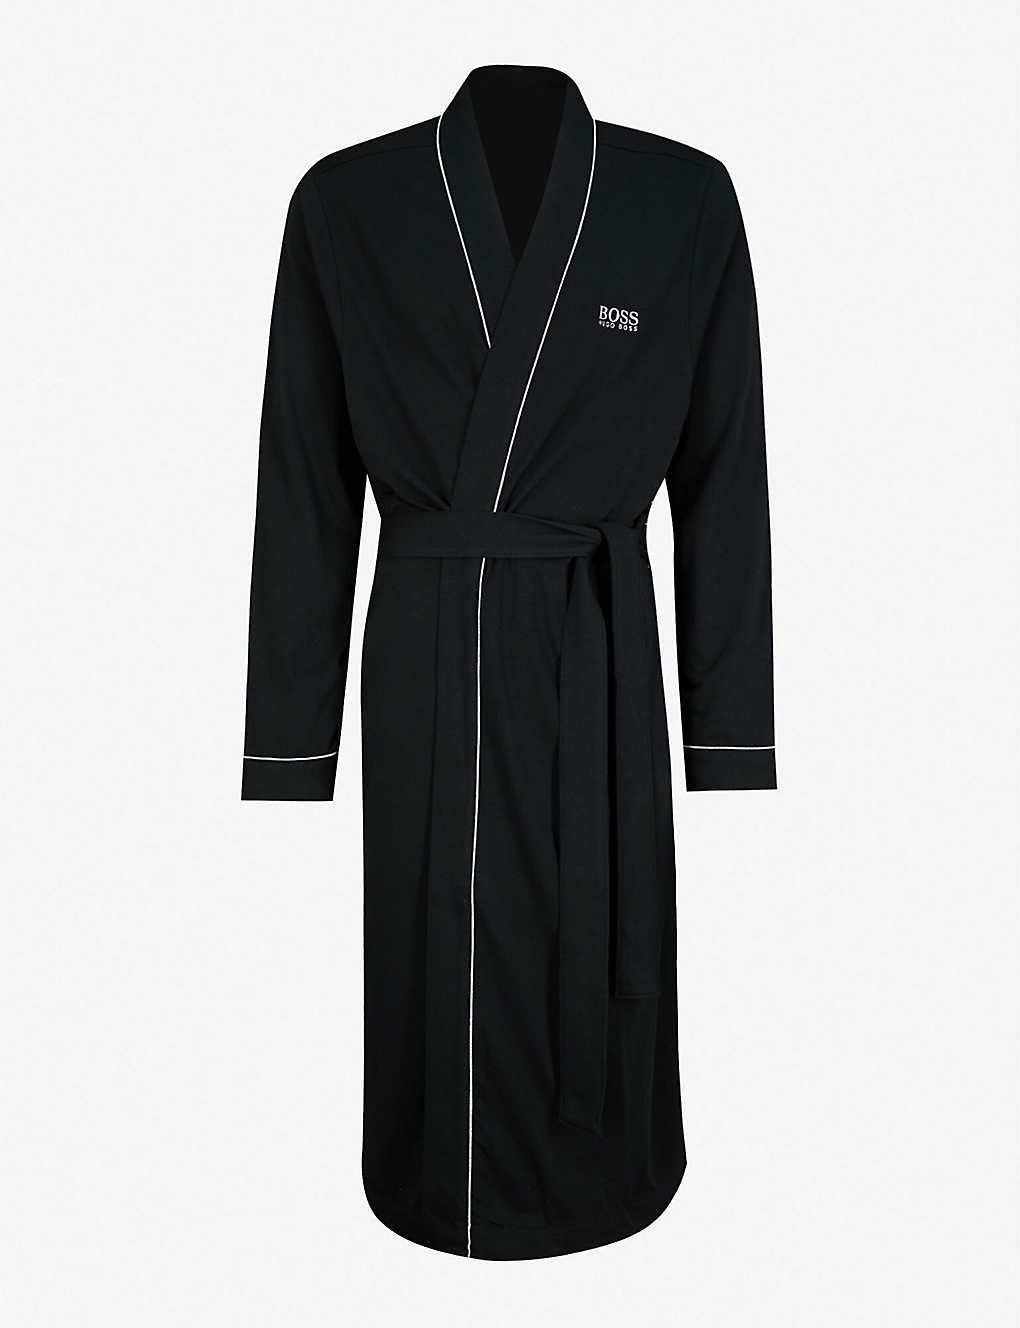 9baf7d3c4d26 BOSS - Kimono cotton dressing gown | Selfridges.com